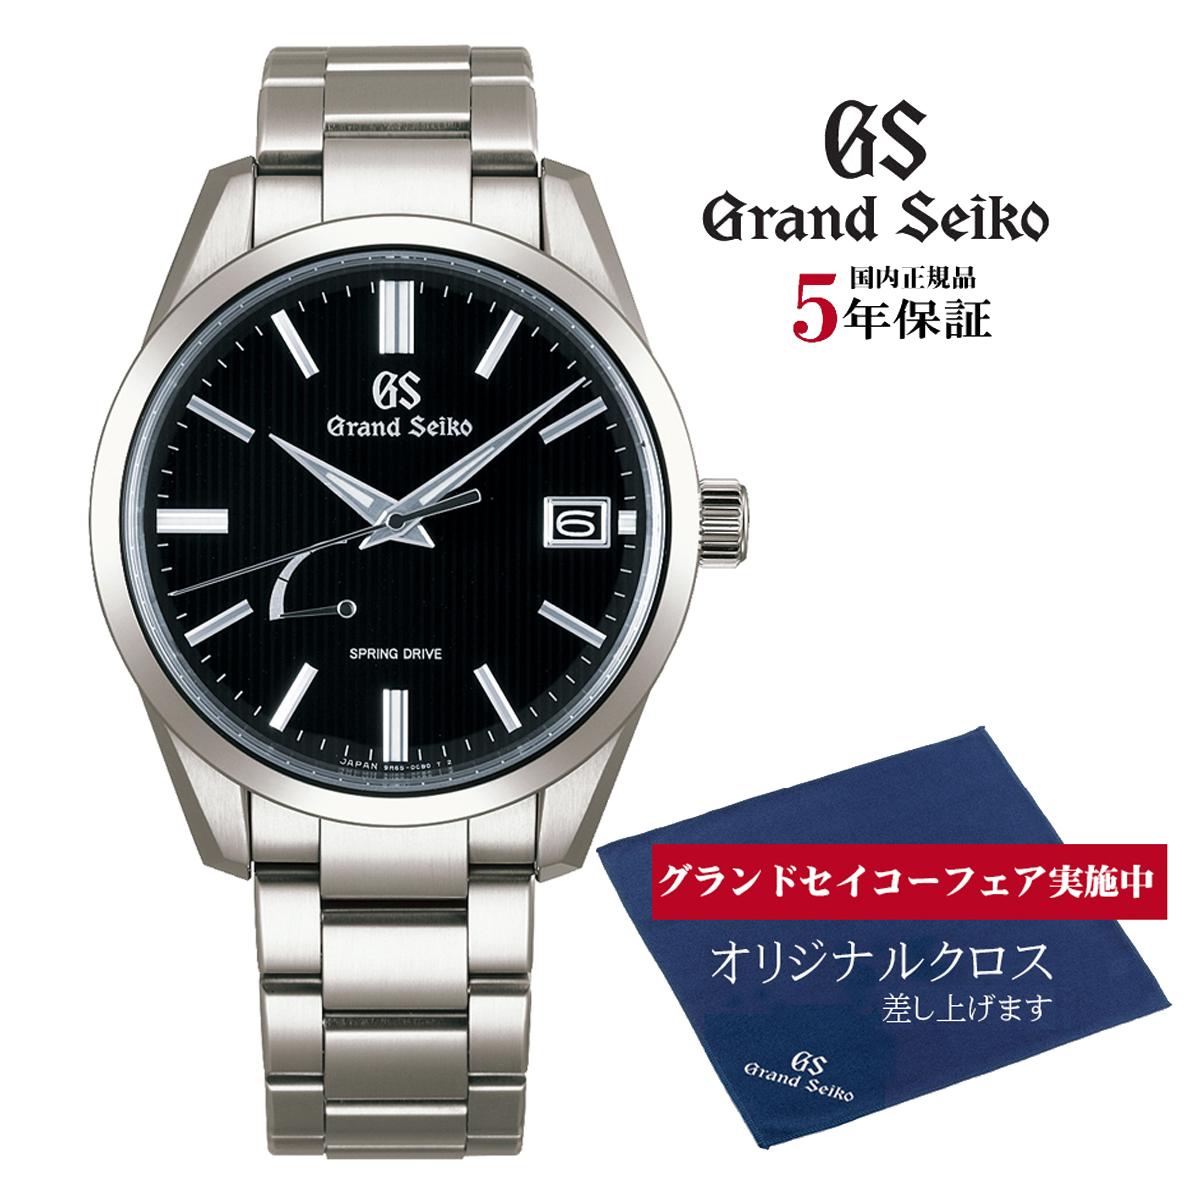 グランドセイコー Grand Seiko 正規メーカー保証3年 SBGA349 9Rスプリングドライブ ブライトチタンモデル 正規品 腕時計